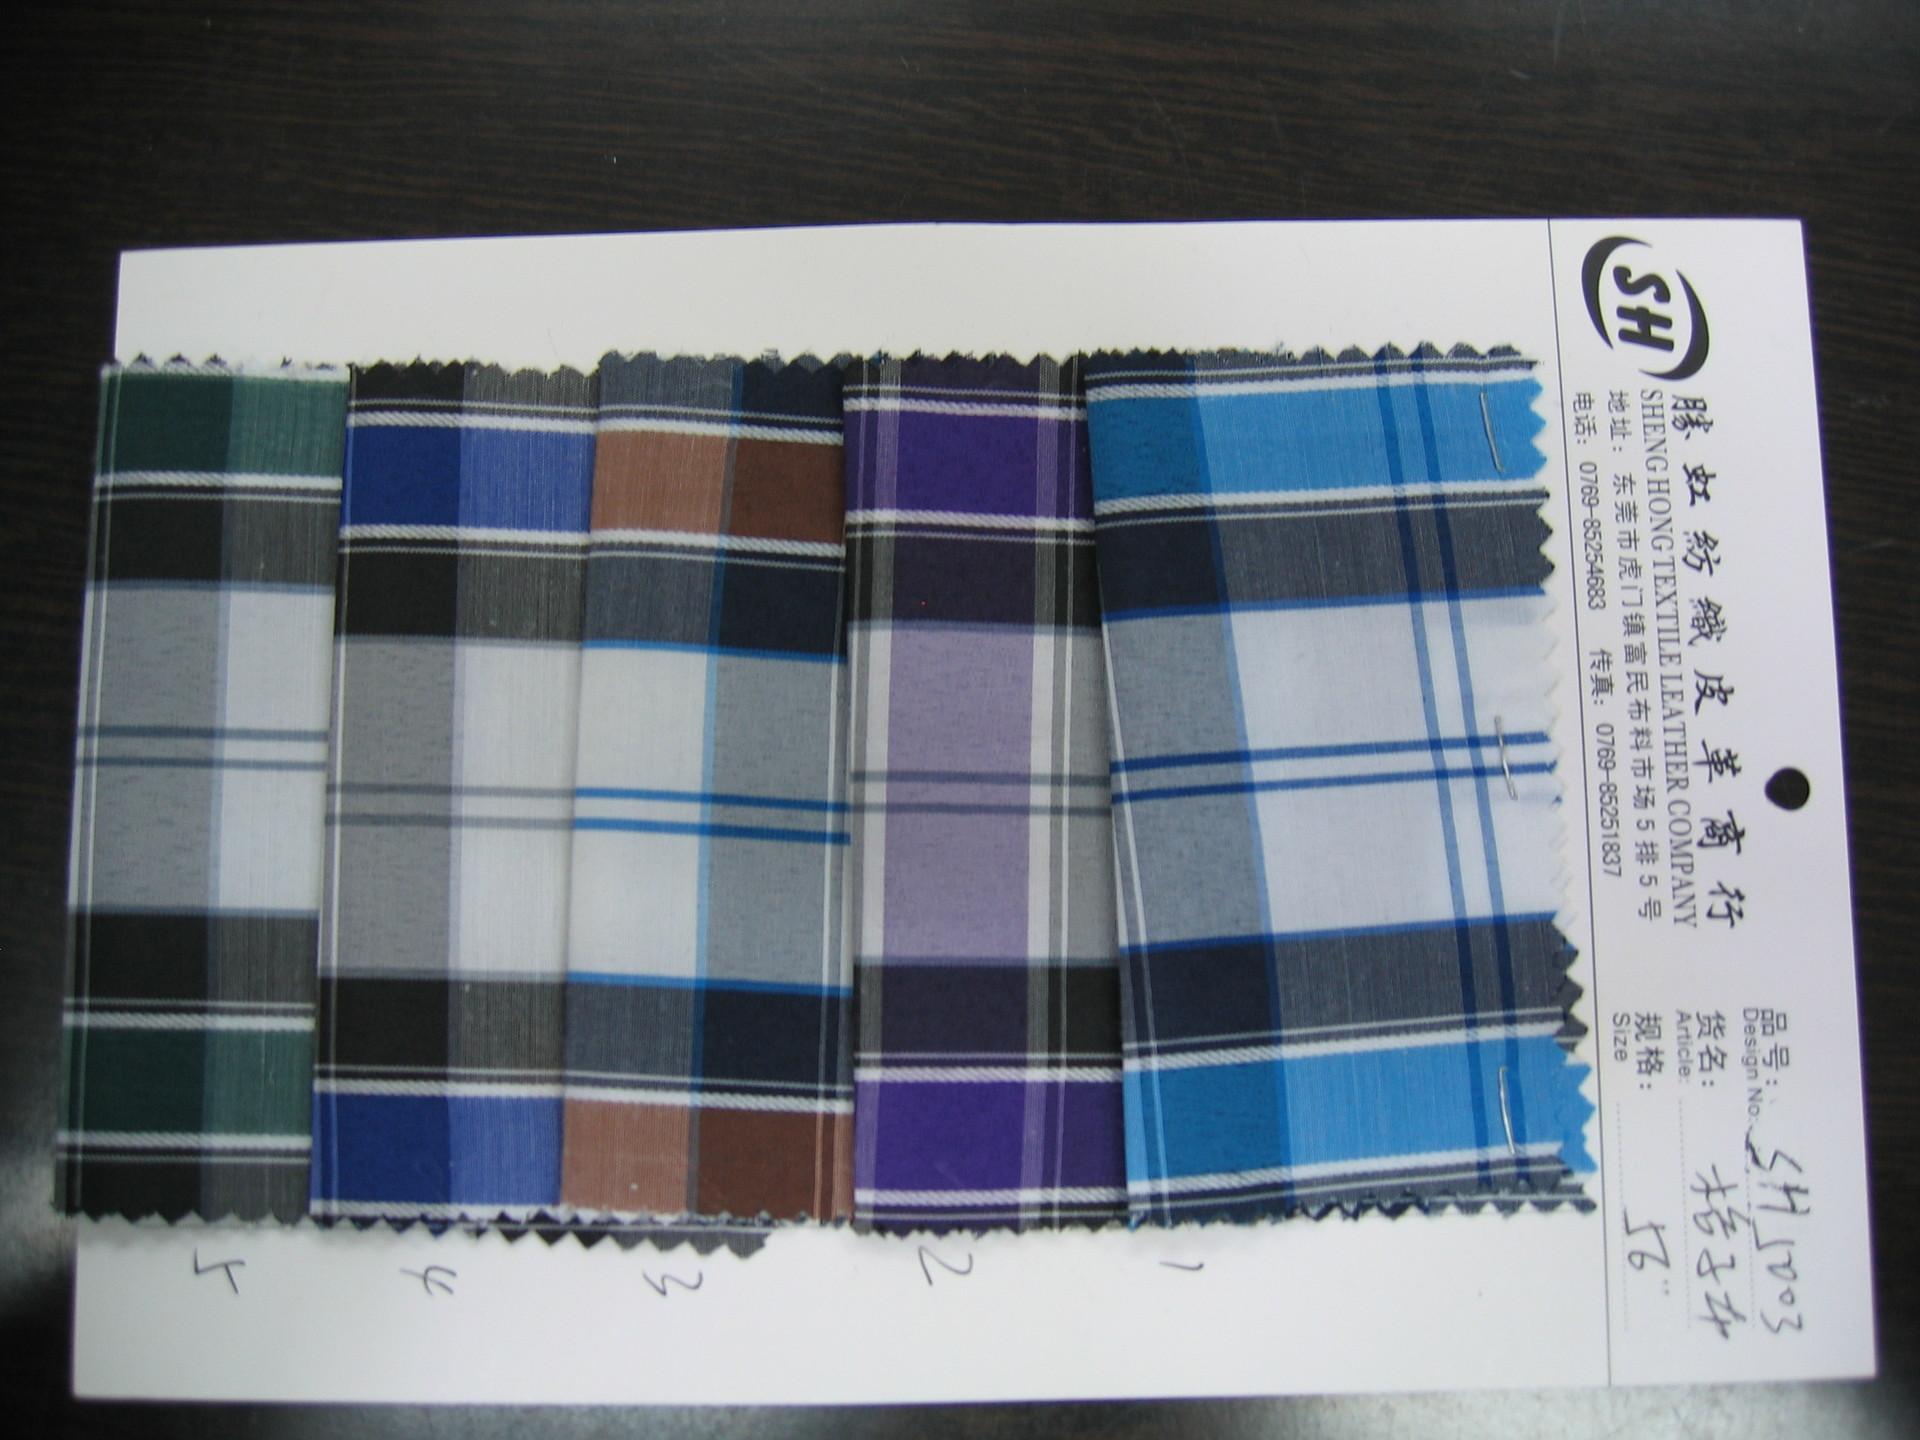 厂家直销梭织平织布 全棉涤棉 染色布口袋布 灯罩布 布料